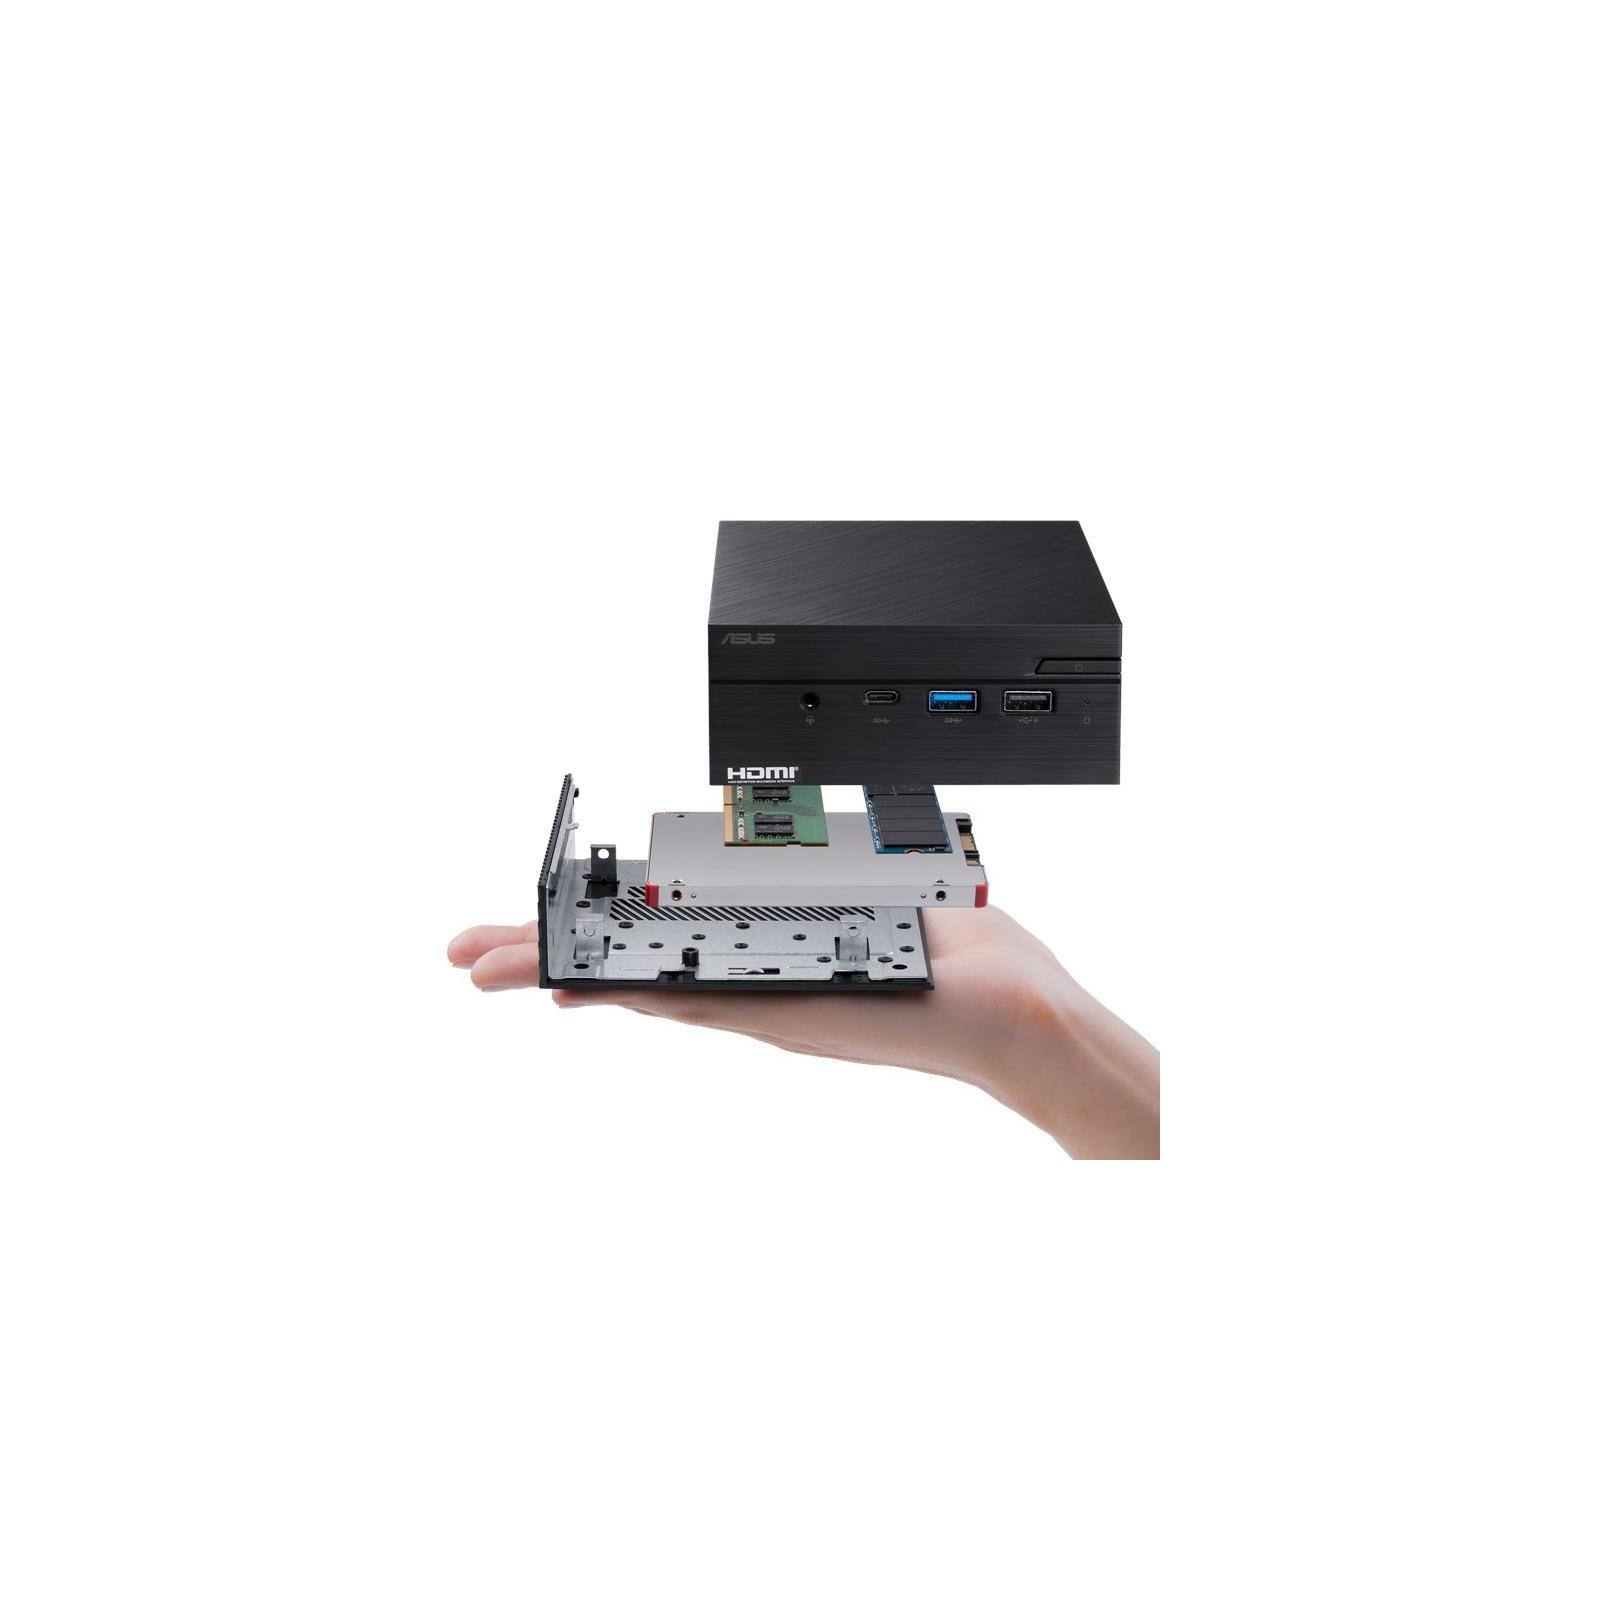 Компьютер ASUS PN40-BB009MC (90MS0181-M01480) изображение 11